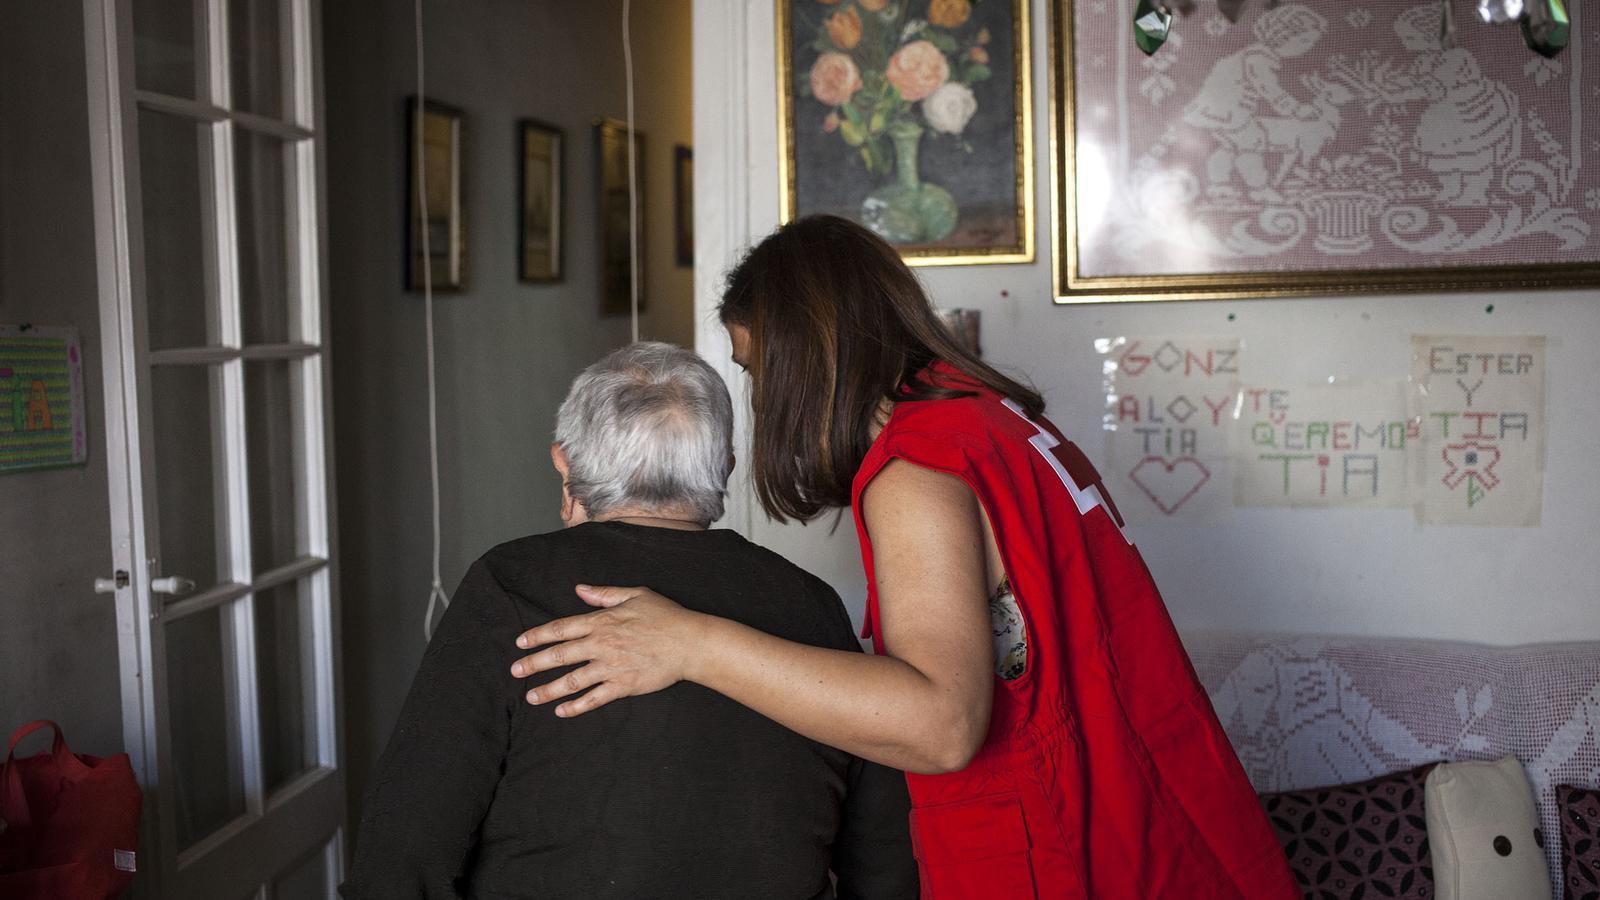 Usuària de la Creu Roja assistida per una voluntària de la Creu Roja en una foto d'arxiu.